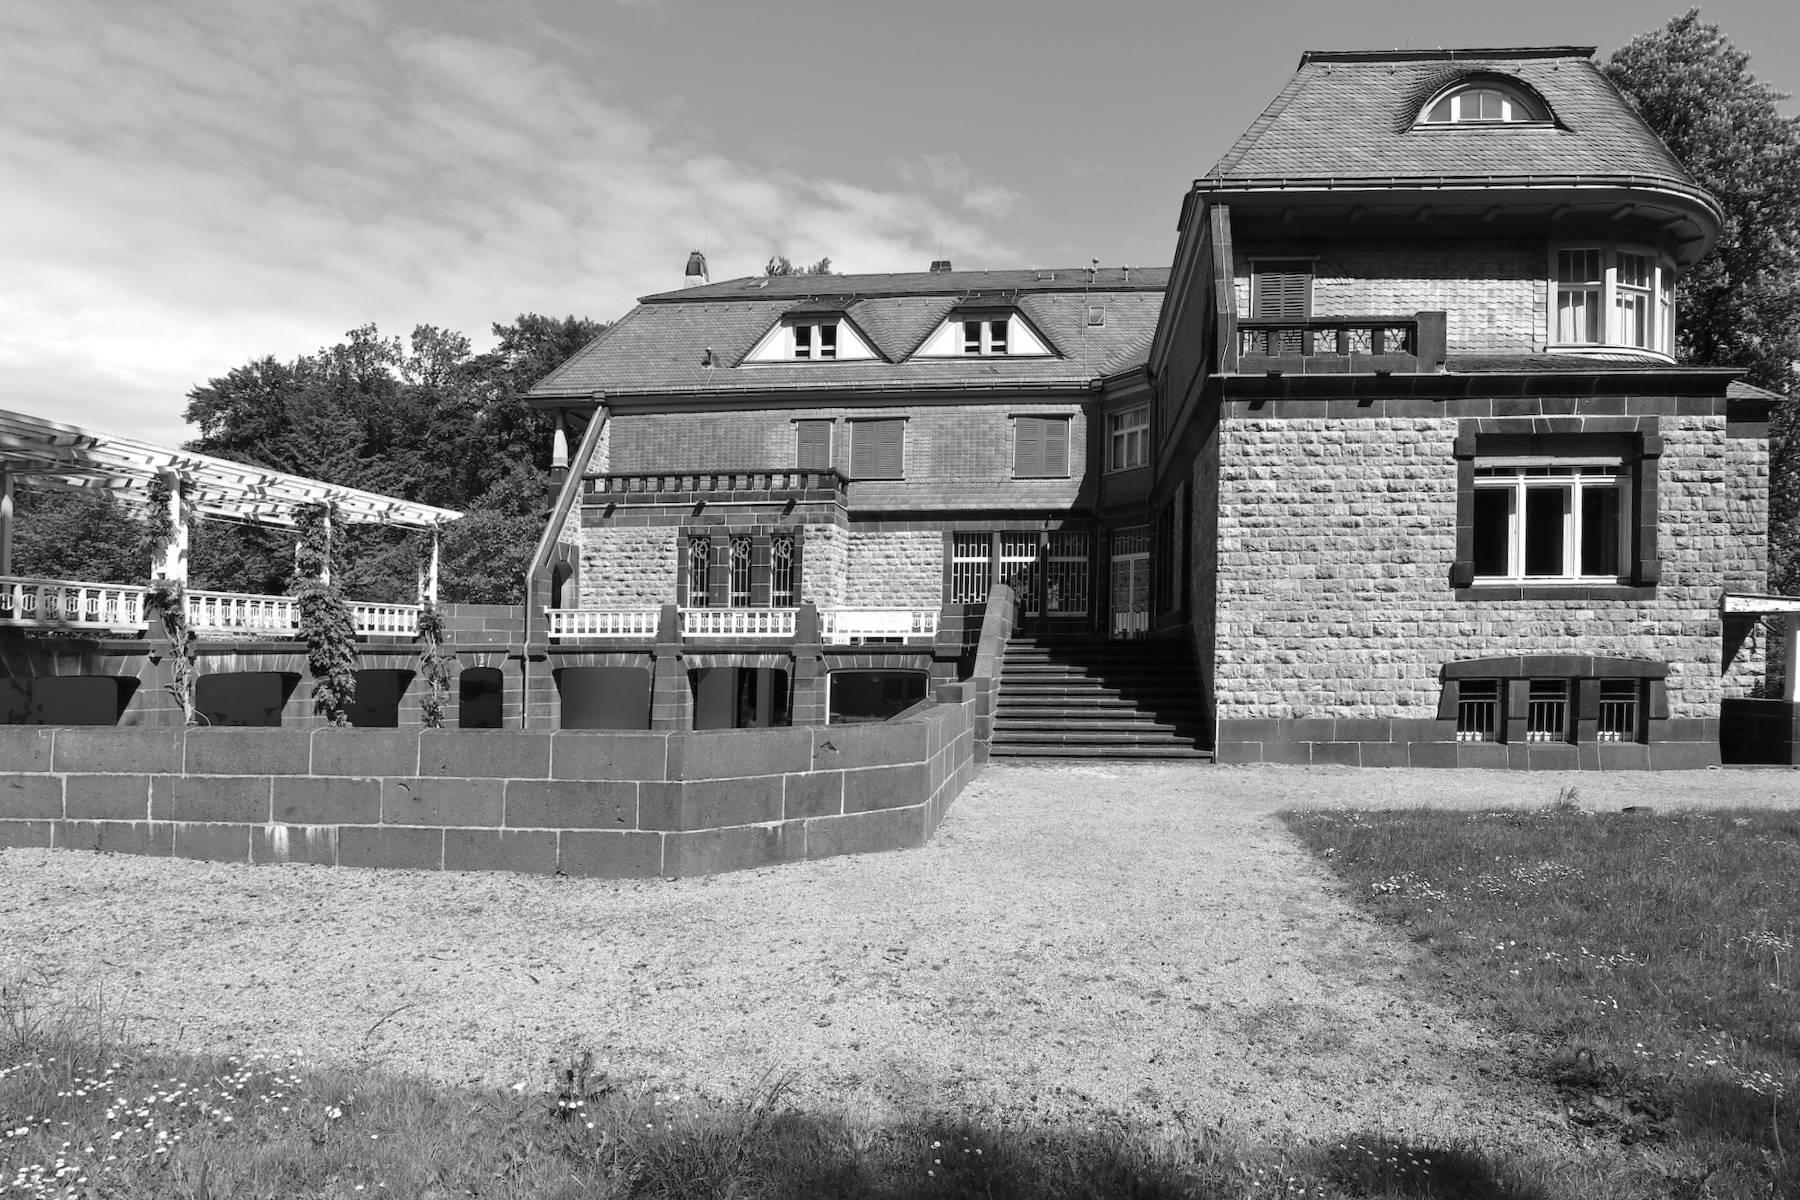 Hohenhof. Das Anwesen wurde nach einem Entwurf des belgisch-flämischen Architekten und Designers Henry van de Velde gebaut.